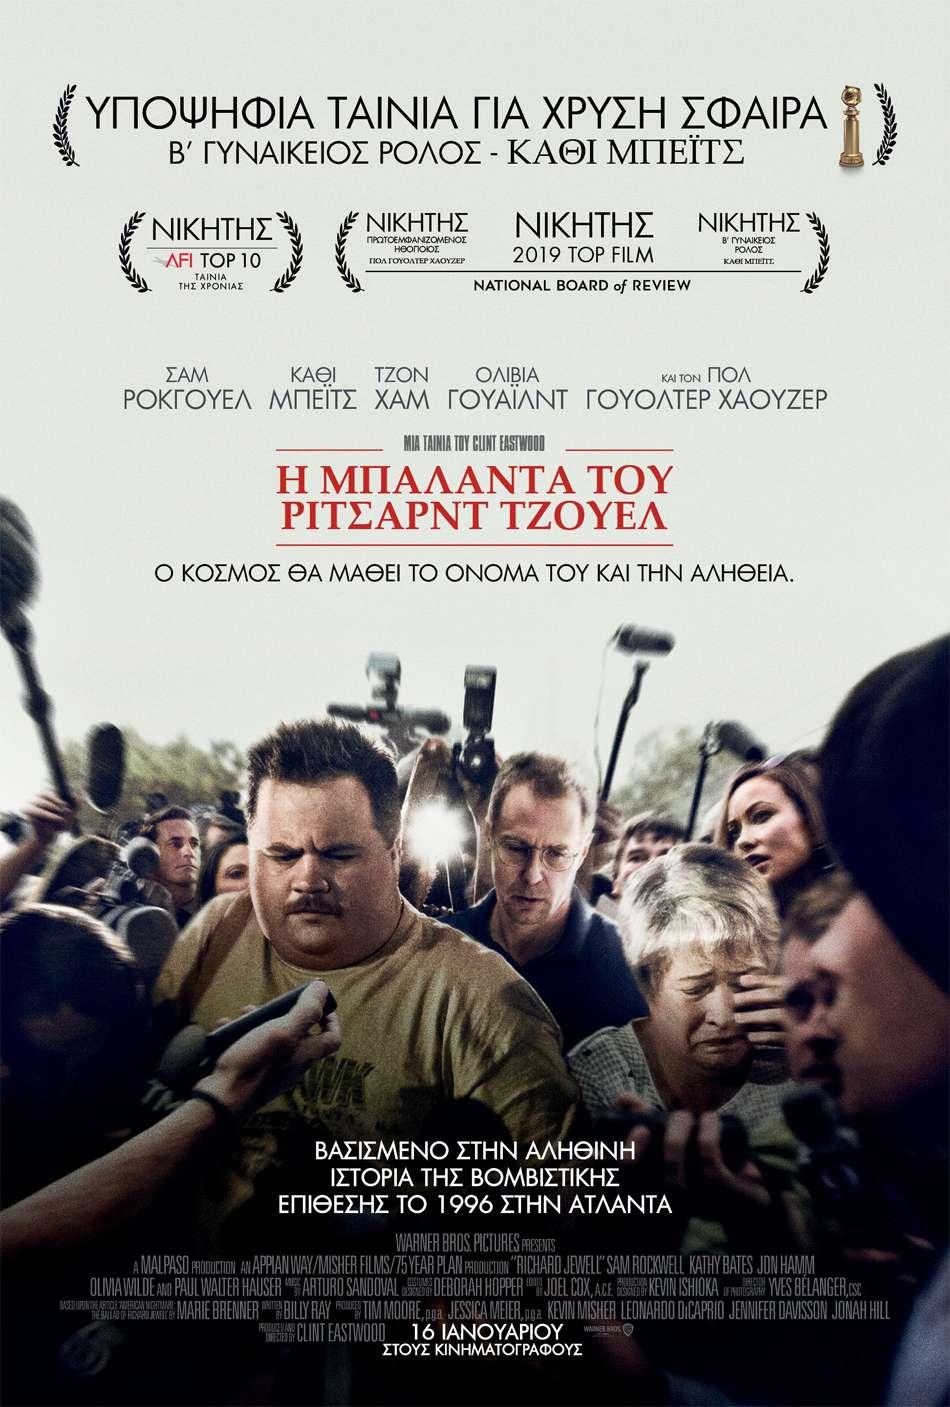 Η Μπαλάντα του Ρίτσαρντ Τζούελ (Richard Jewell) - Trailer / Τρέιλερ Poster